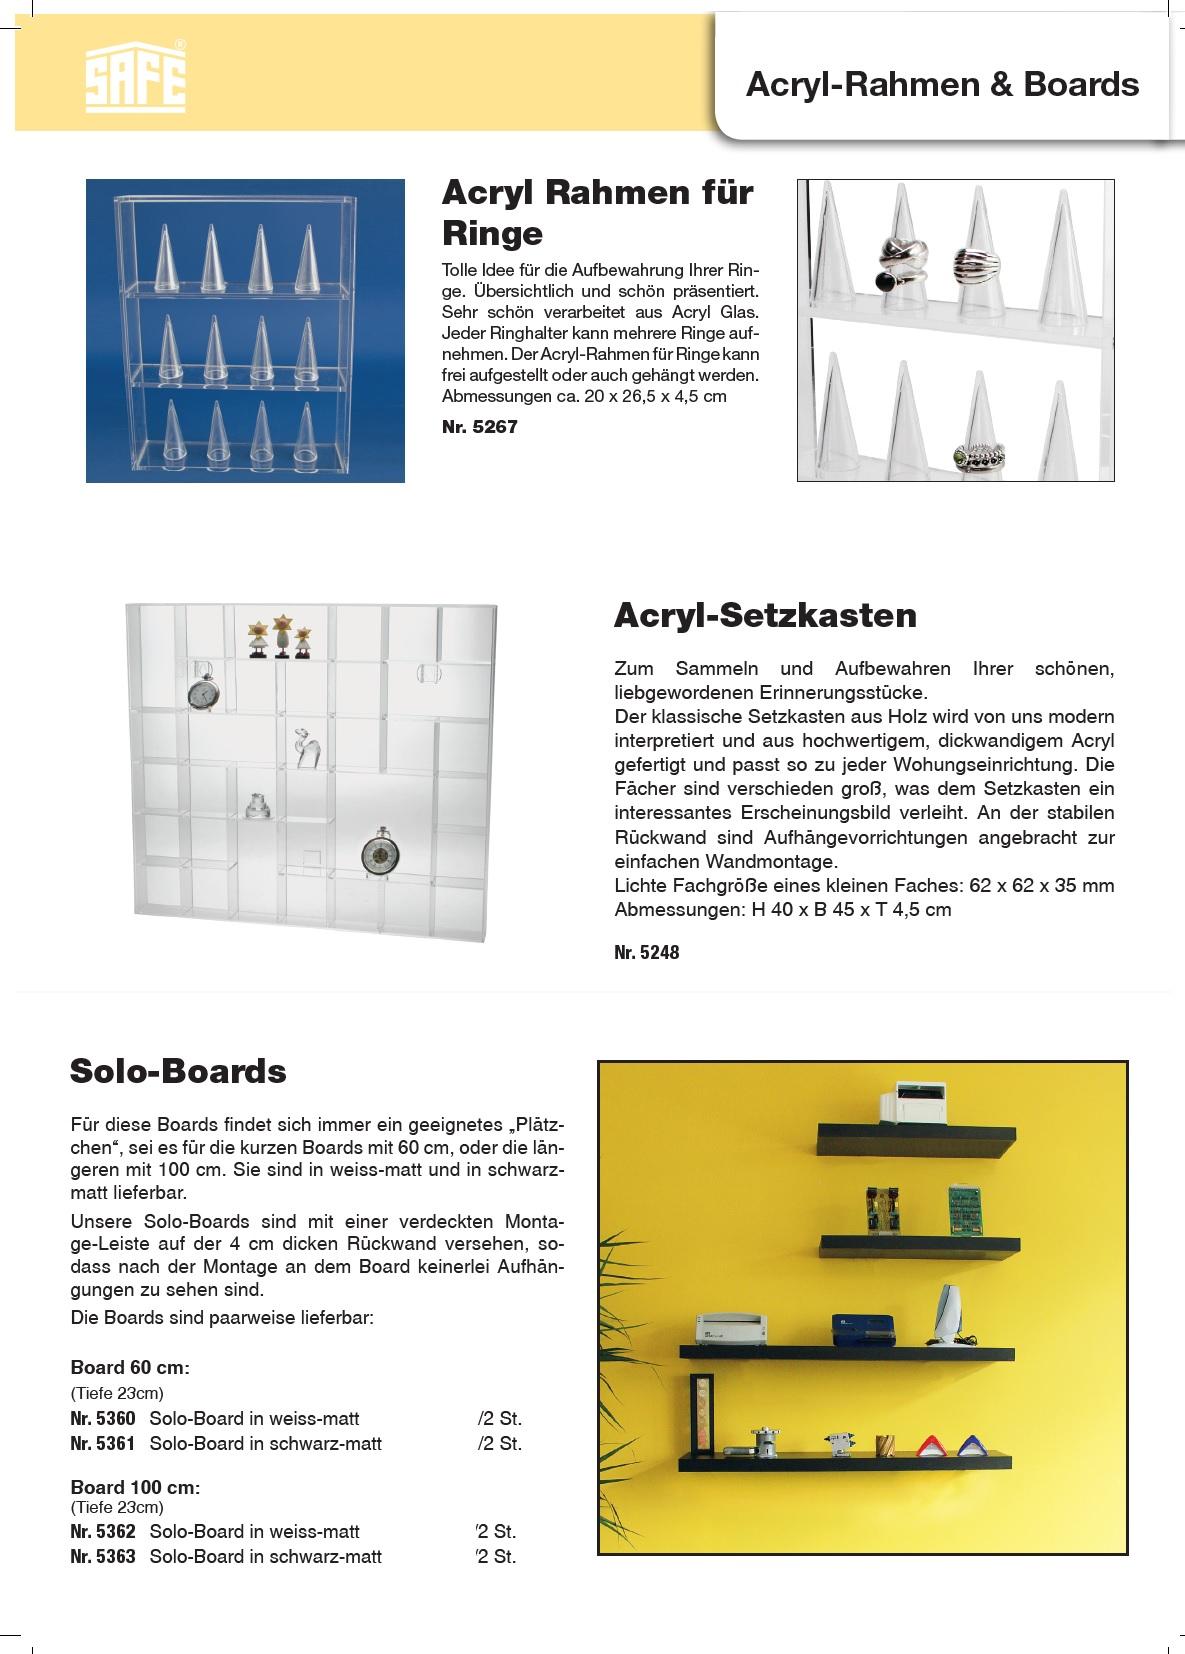 Ausgezeichnet Star Wars Rahmen Galerie - Rahmen Ideen ...